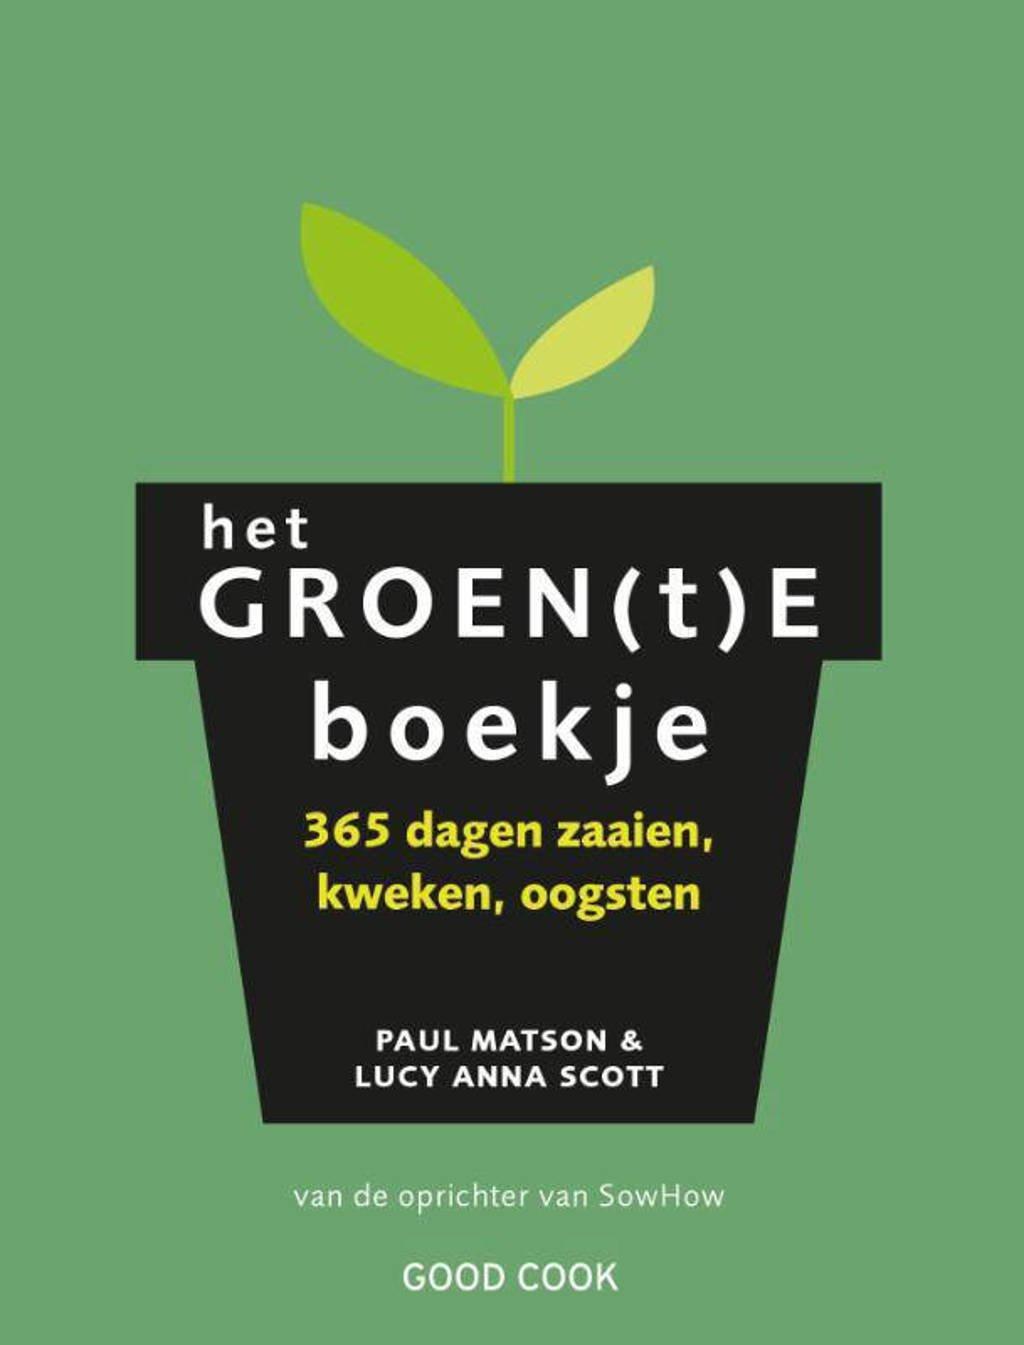 Het groen(t)e boekje - Paul Matson, Lucy Anna Scott en